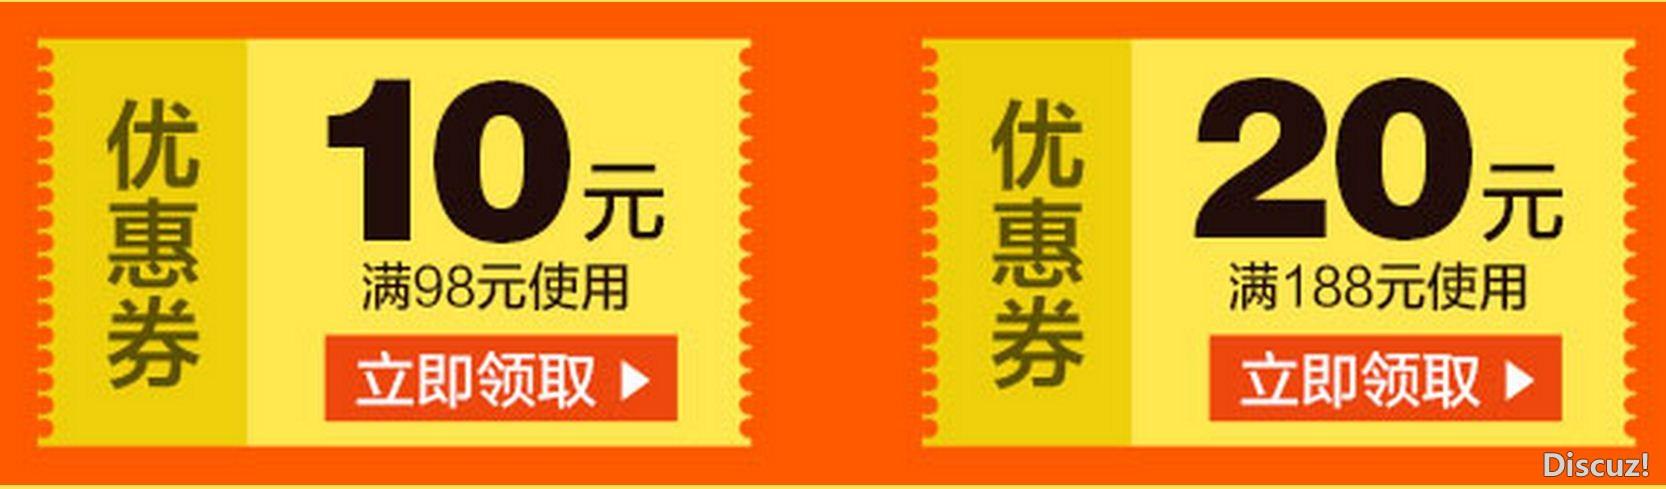 优惠券-展品型商品-团购-腾辉服装设计工作室